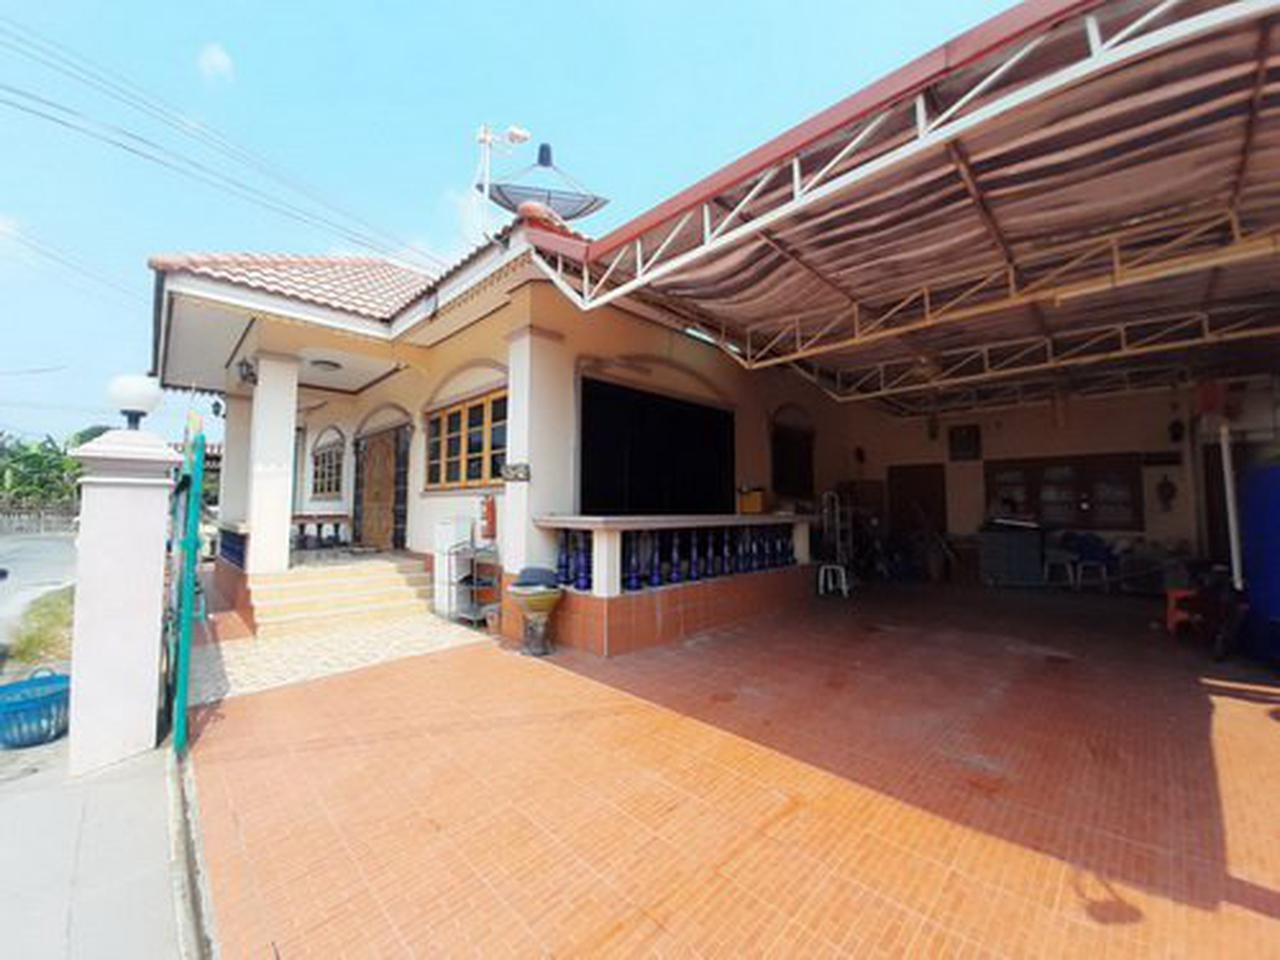 ขายบ้านเดี่ยวชั้นเดียว หมู่บ้านยุคลธร ขนาด 67.1 ตรว หมู่บ้านยุคลธร อ.พระพุทธบาท จ.สระบุรี    รูปที่ 3